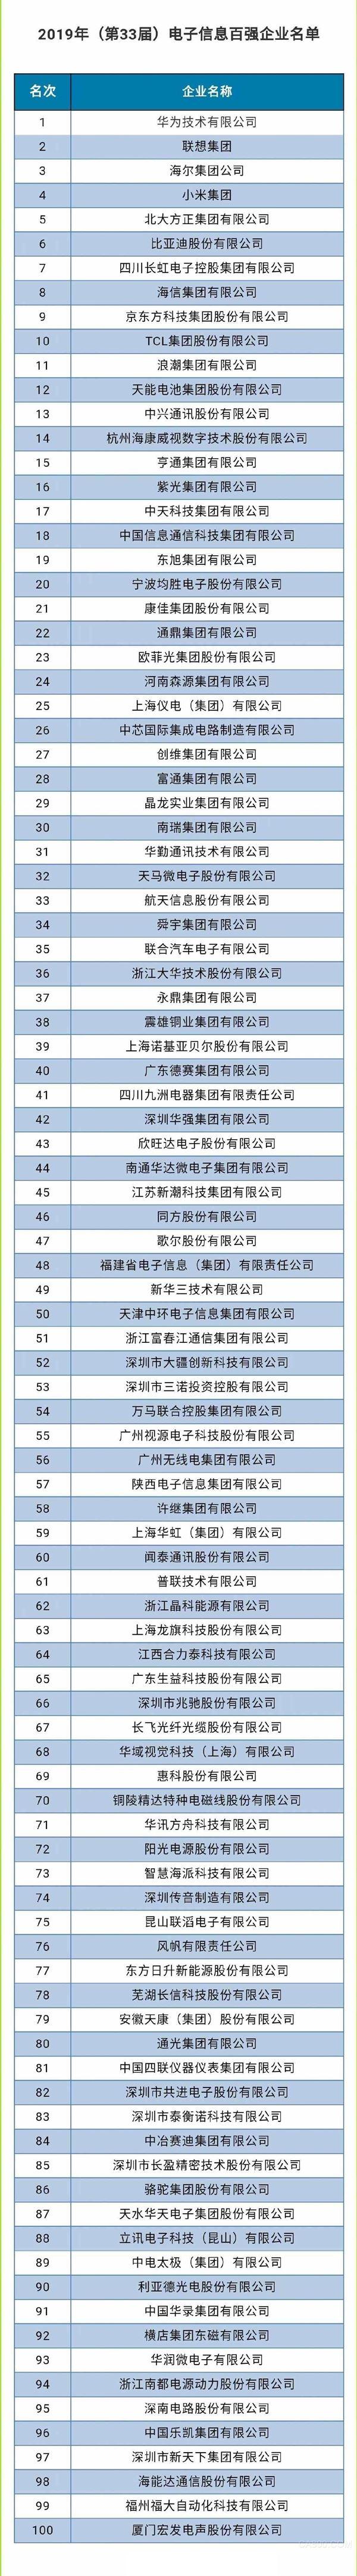 电子信息百强企业,华为,比亚迪,中兴